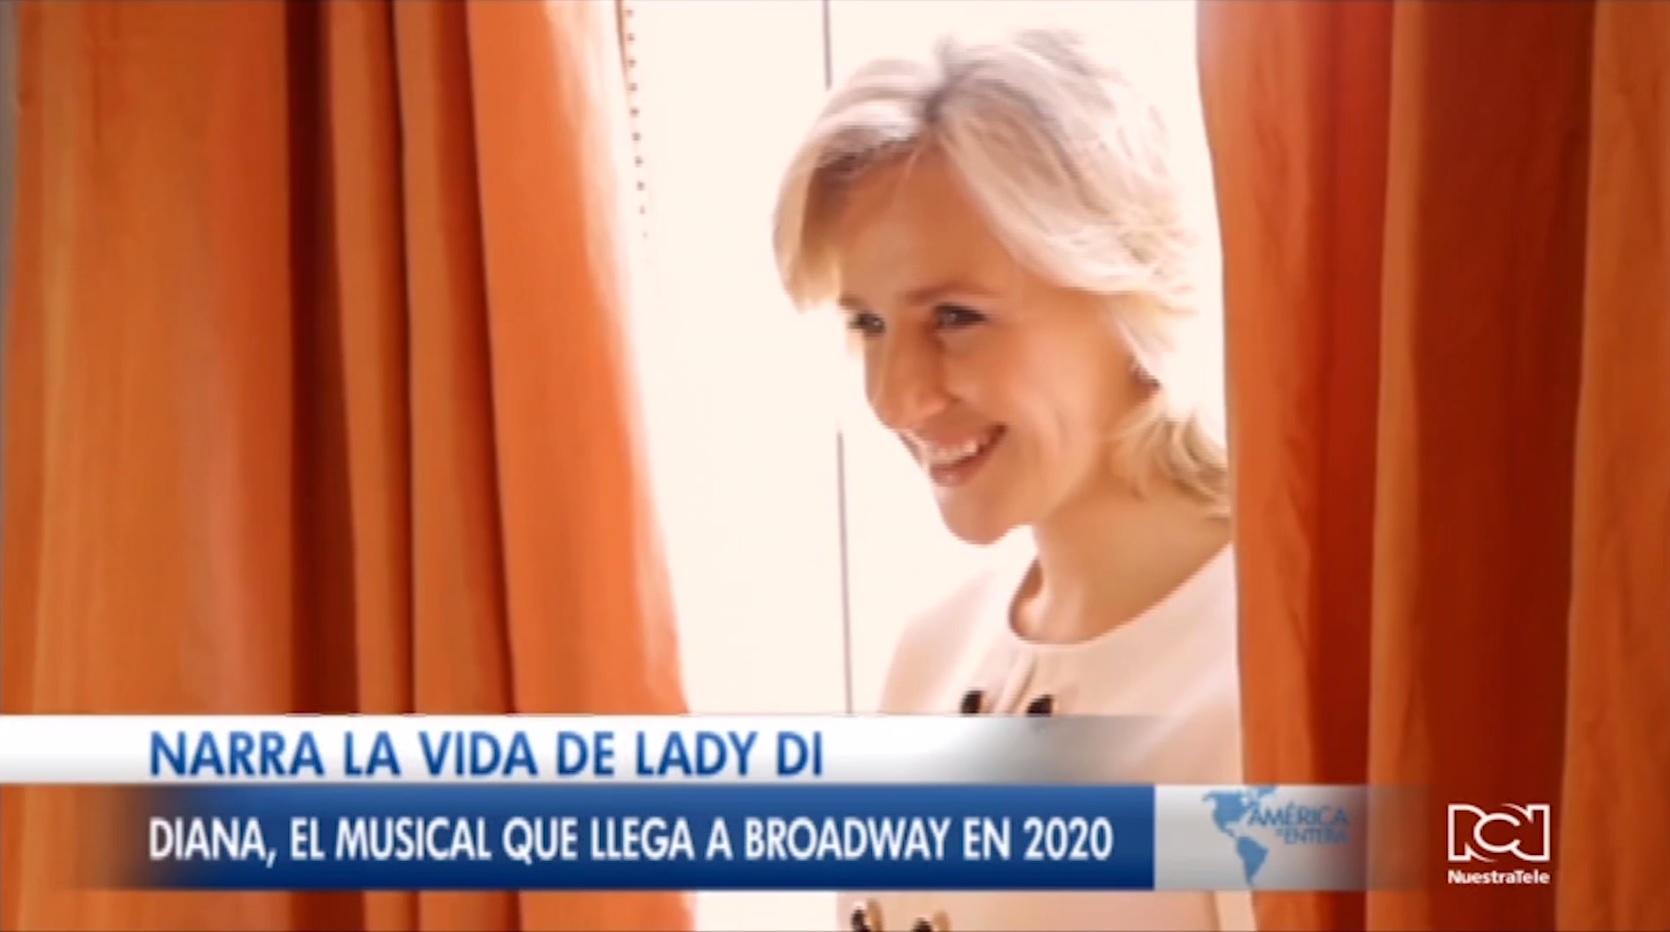 La vida de Lady Di llegará a Brodway con el musical 'Diana'